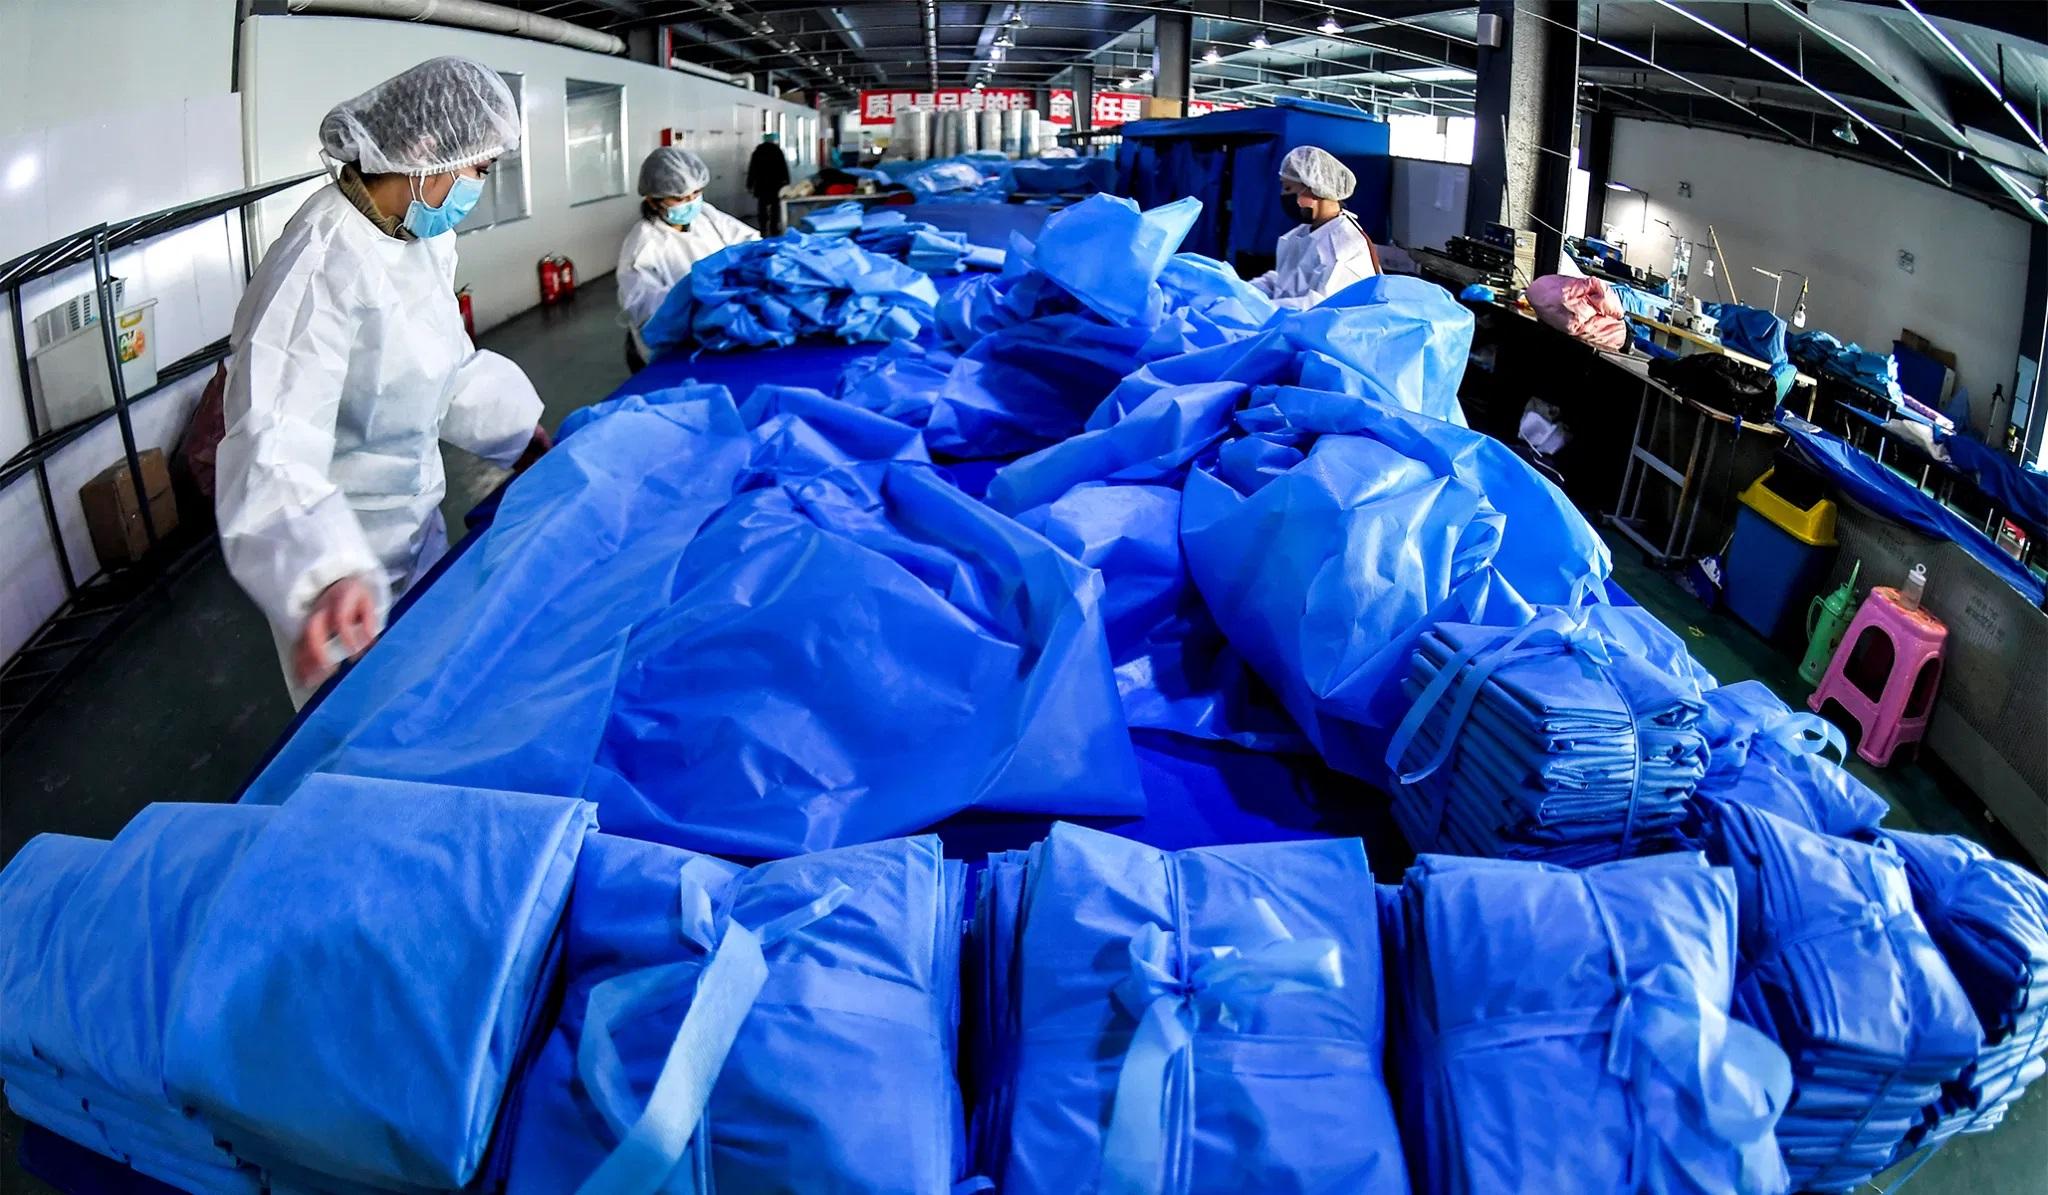 资料图片:2020年1月27日,在中国新疆维吾尔自治区乌鲁木齐市一家医疗设备制造商的工厂里,工人在生产防护服和口罩的生产线上劳动。(路透社)